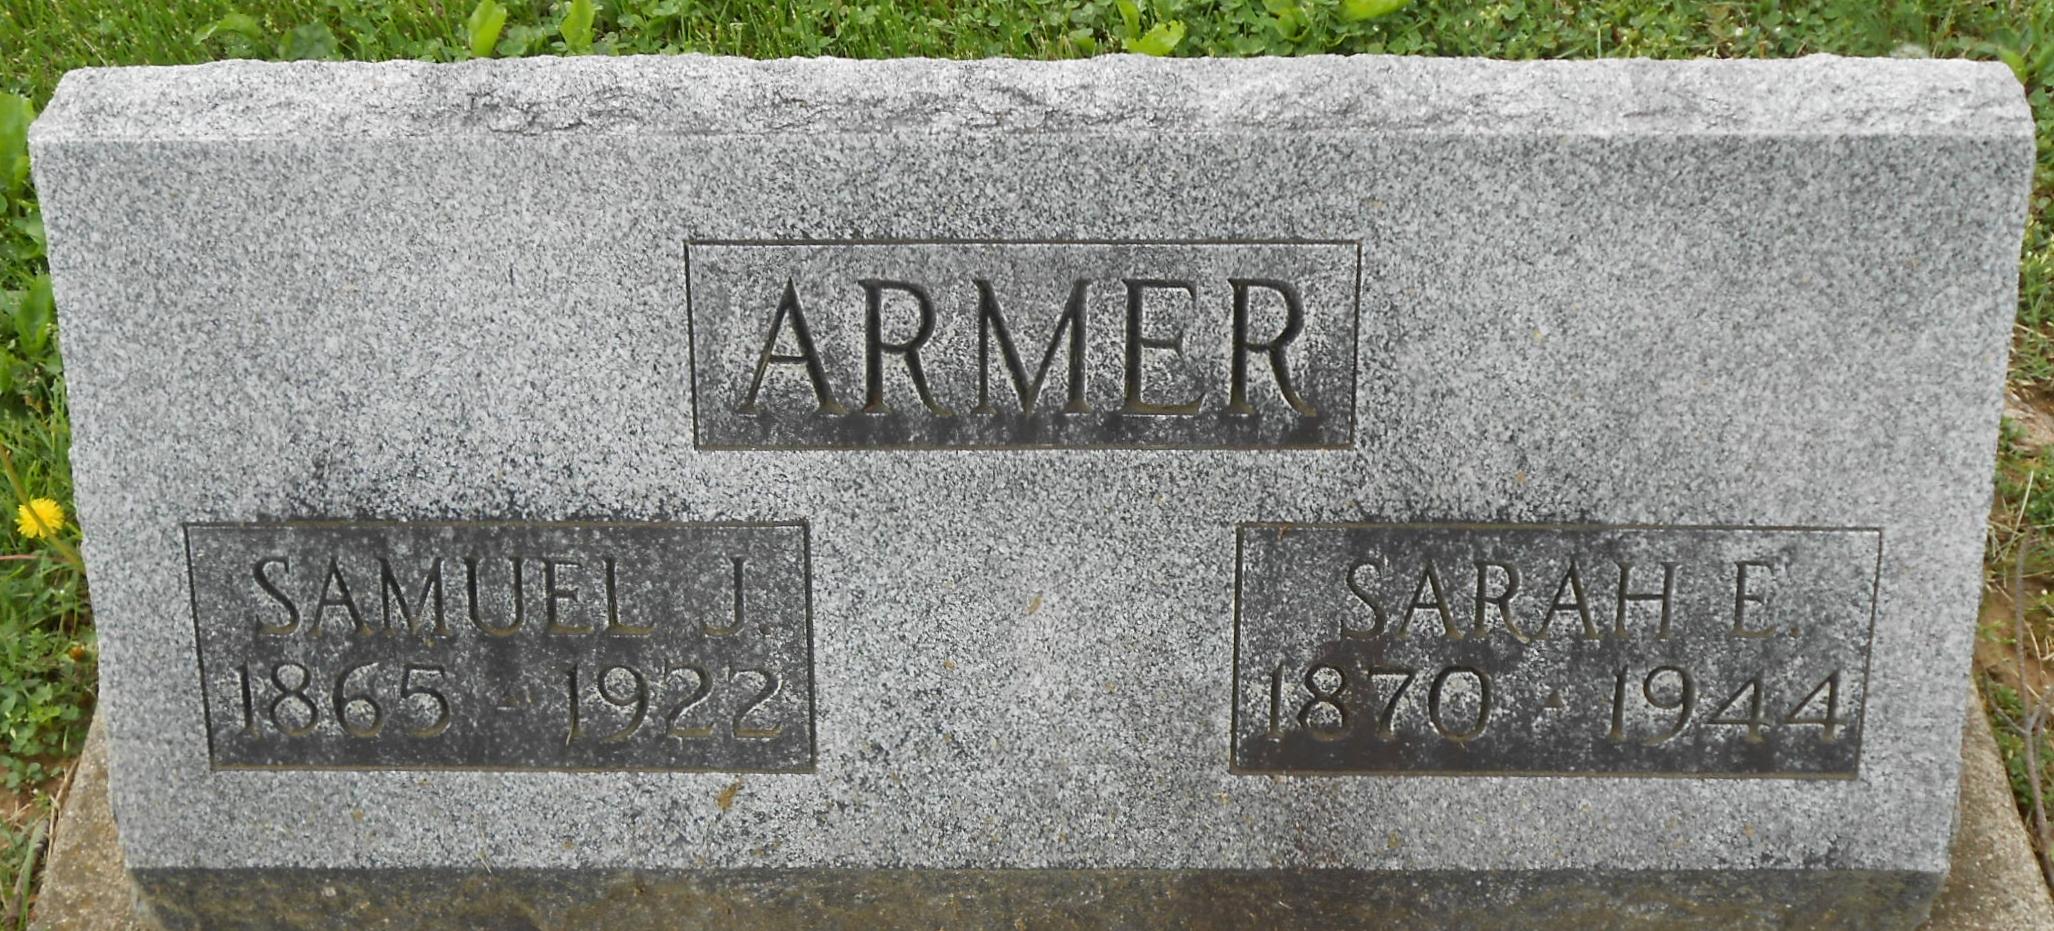 Samuel J. Armer